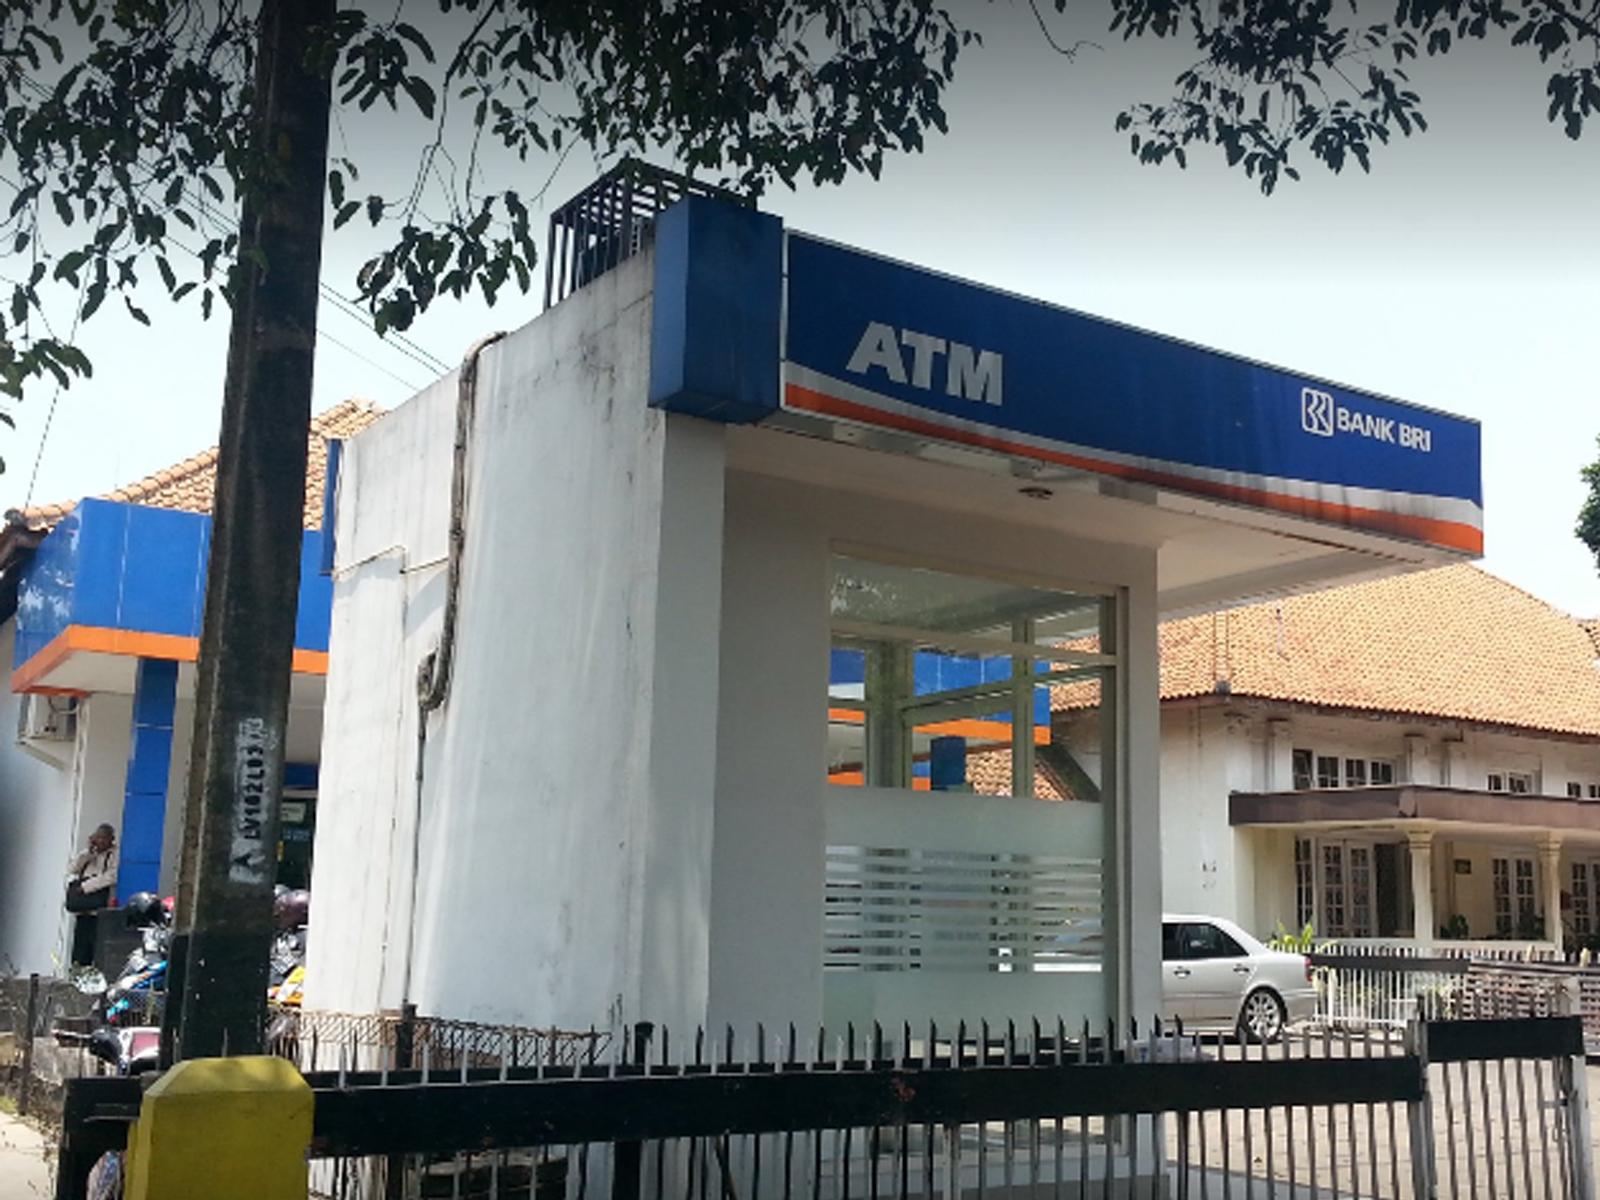 Daftar Lokasi Atm Bank Bri Di Bandung